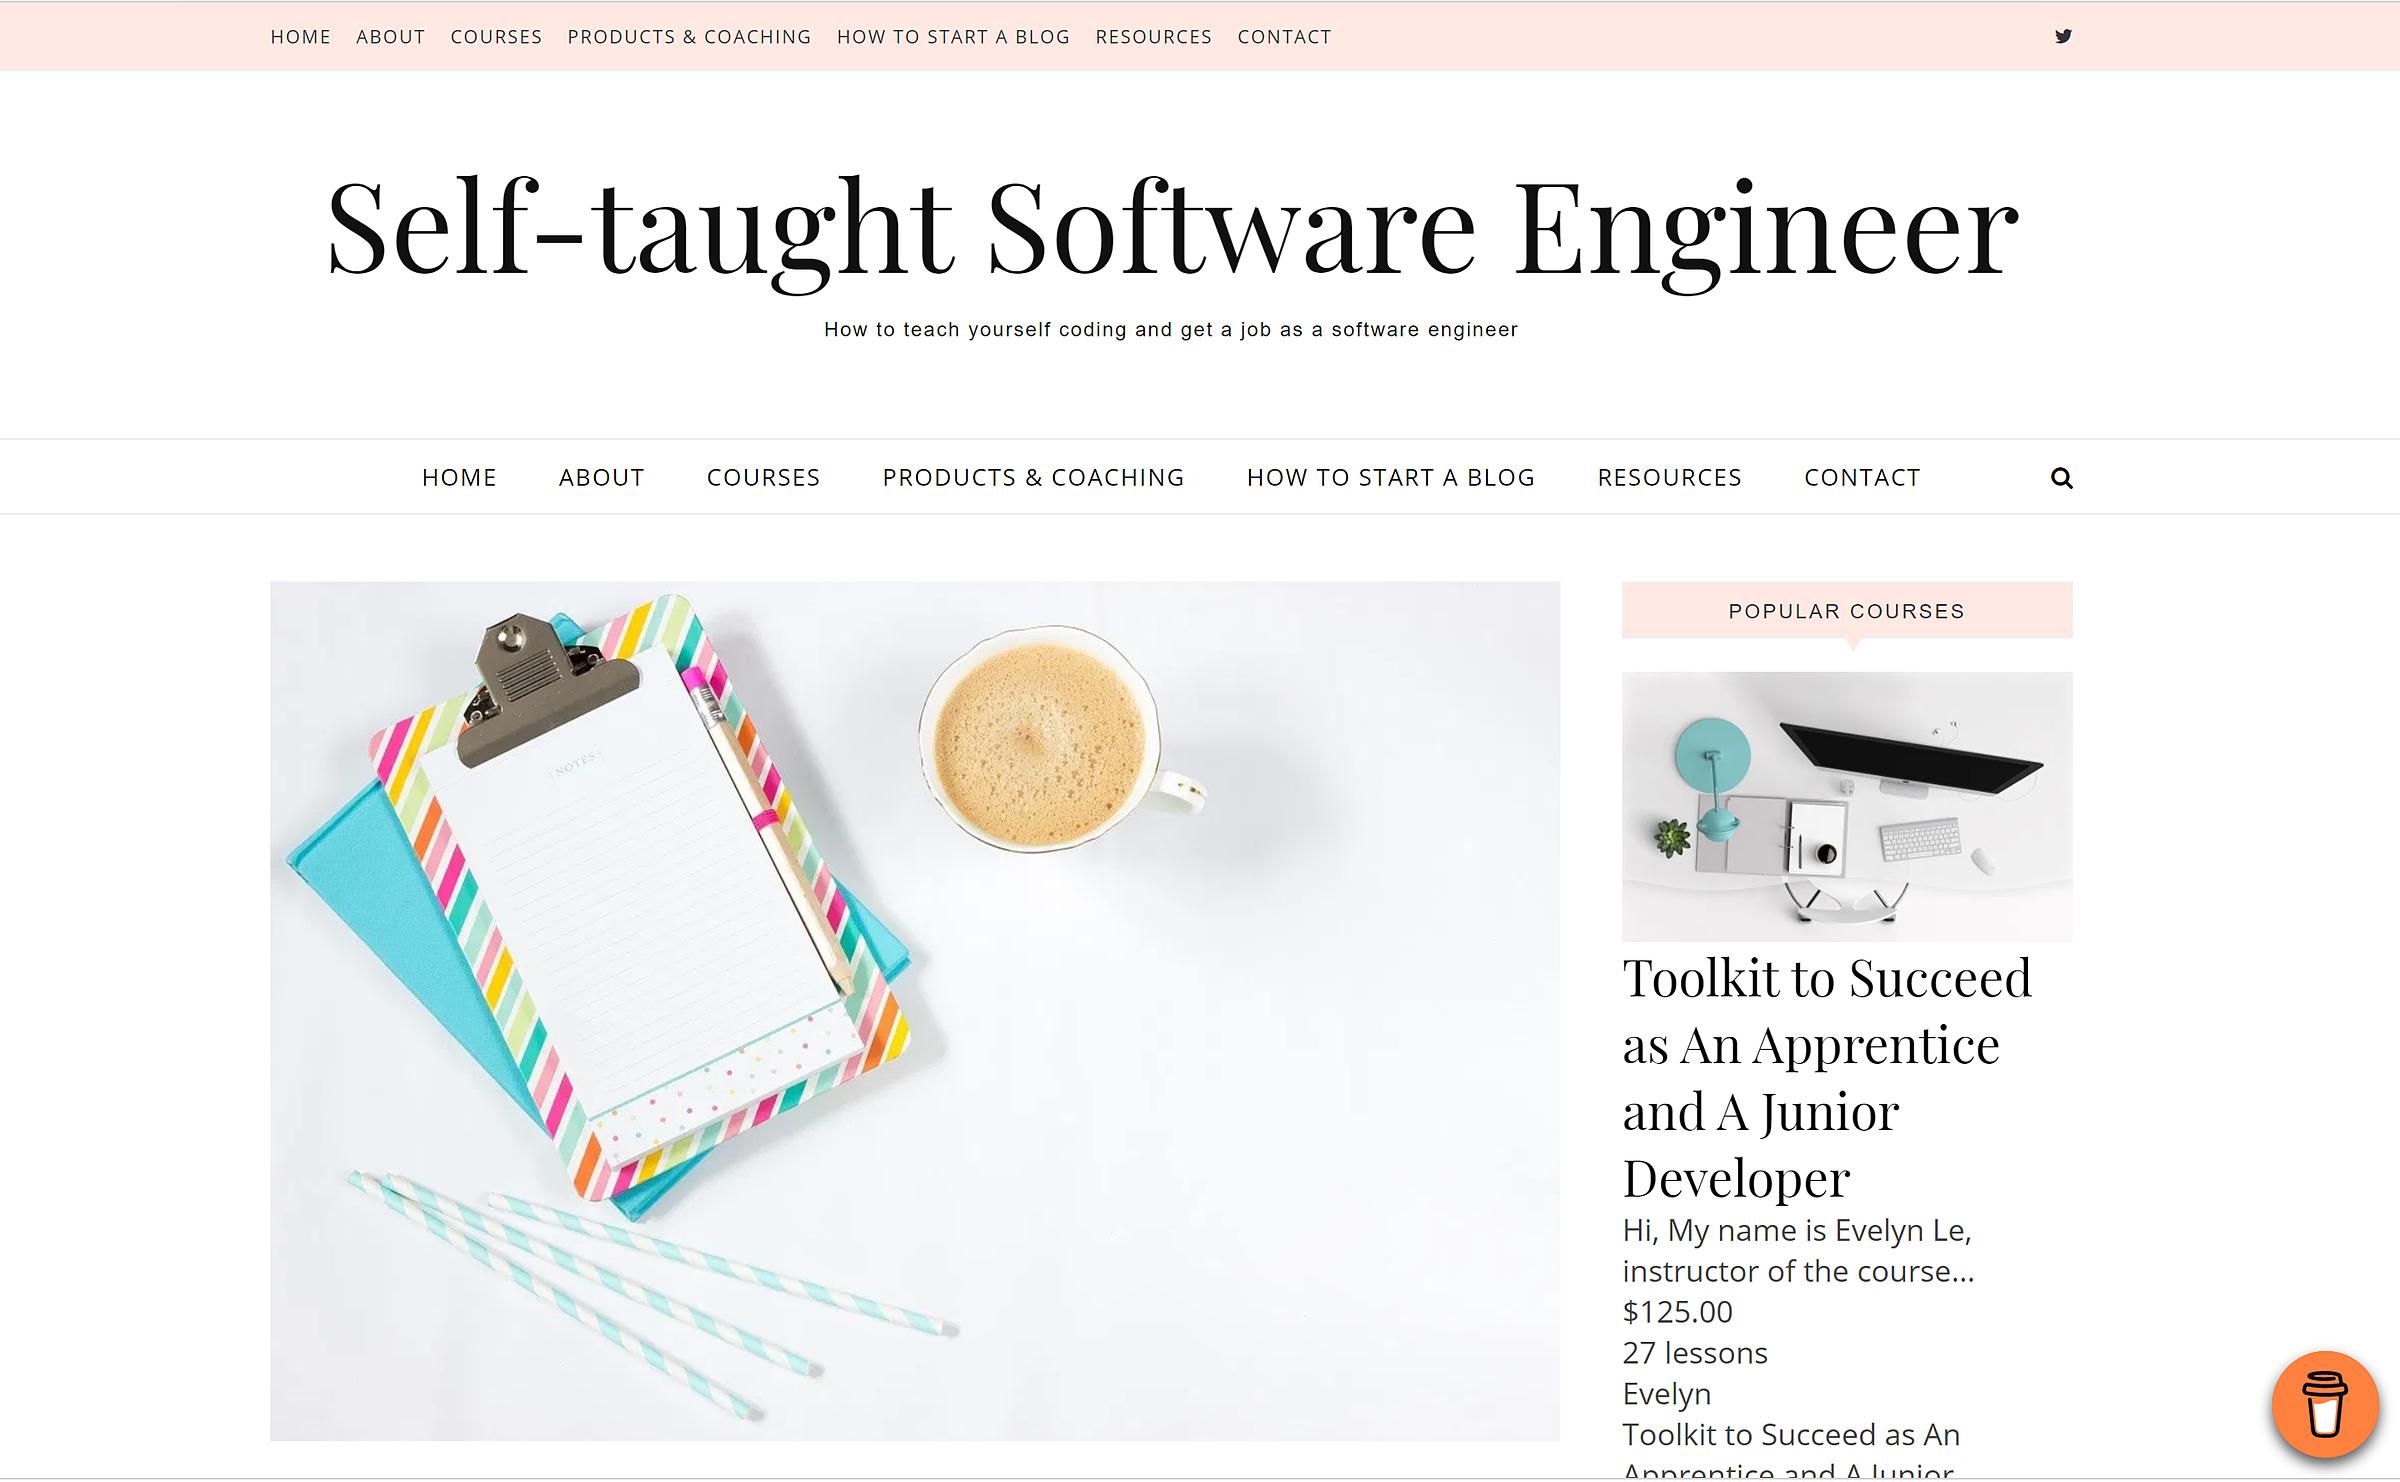 Sau khi chuyển nghề thành công, Evelyn Le chia sẻ những bí quyết, kinh nghiệm học tập cho người tự học lập trình qua website riêng.